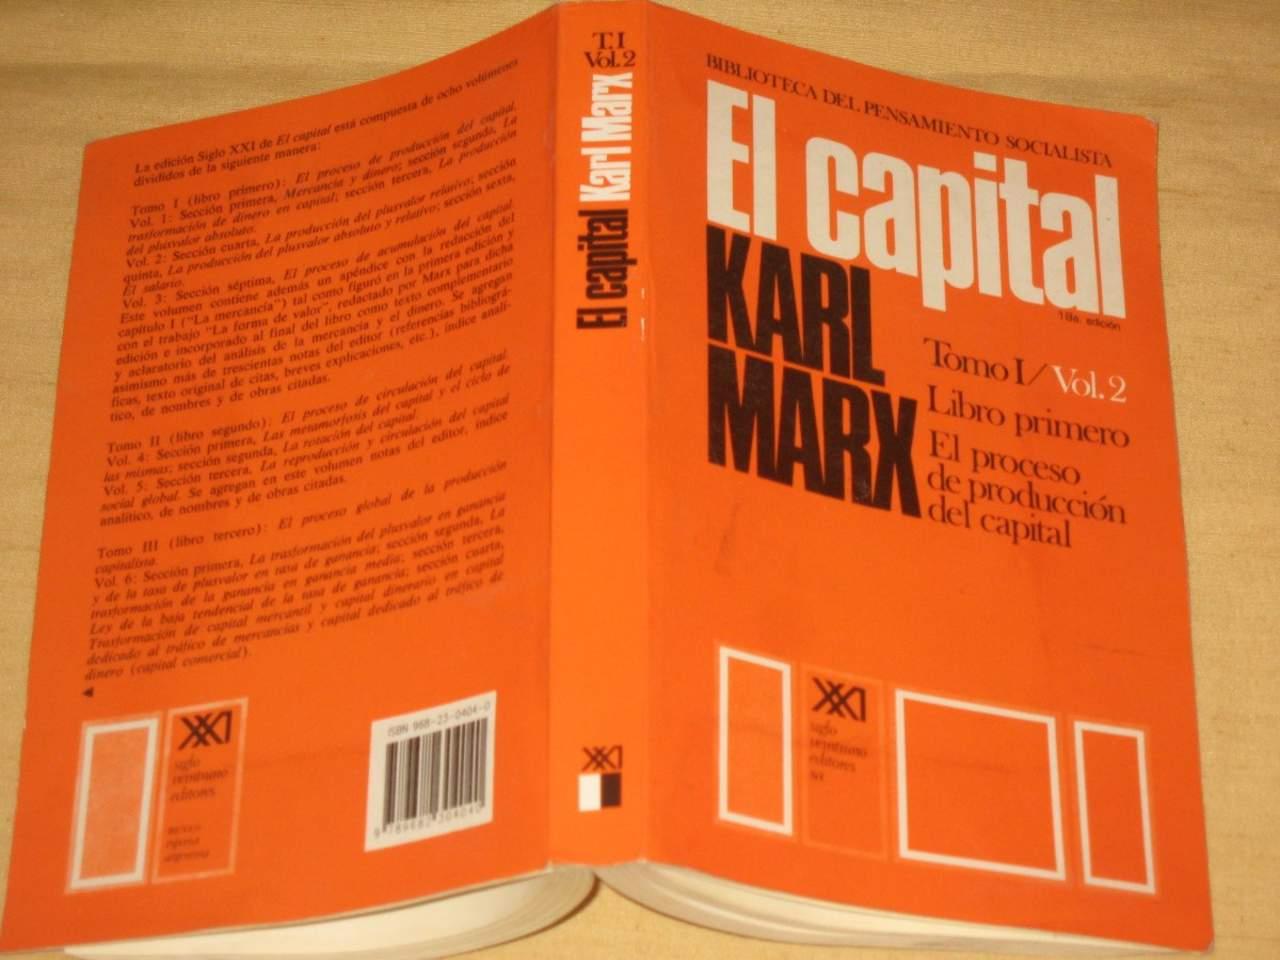 De acuerdo a un especialista, 'El Capital' se vuelve una lectura